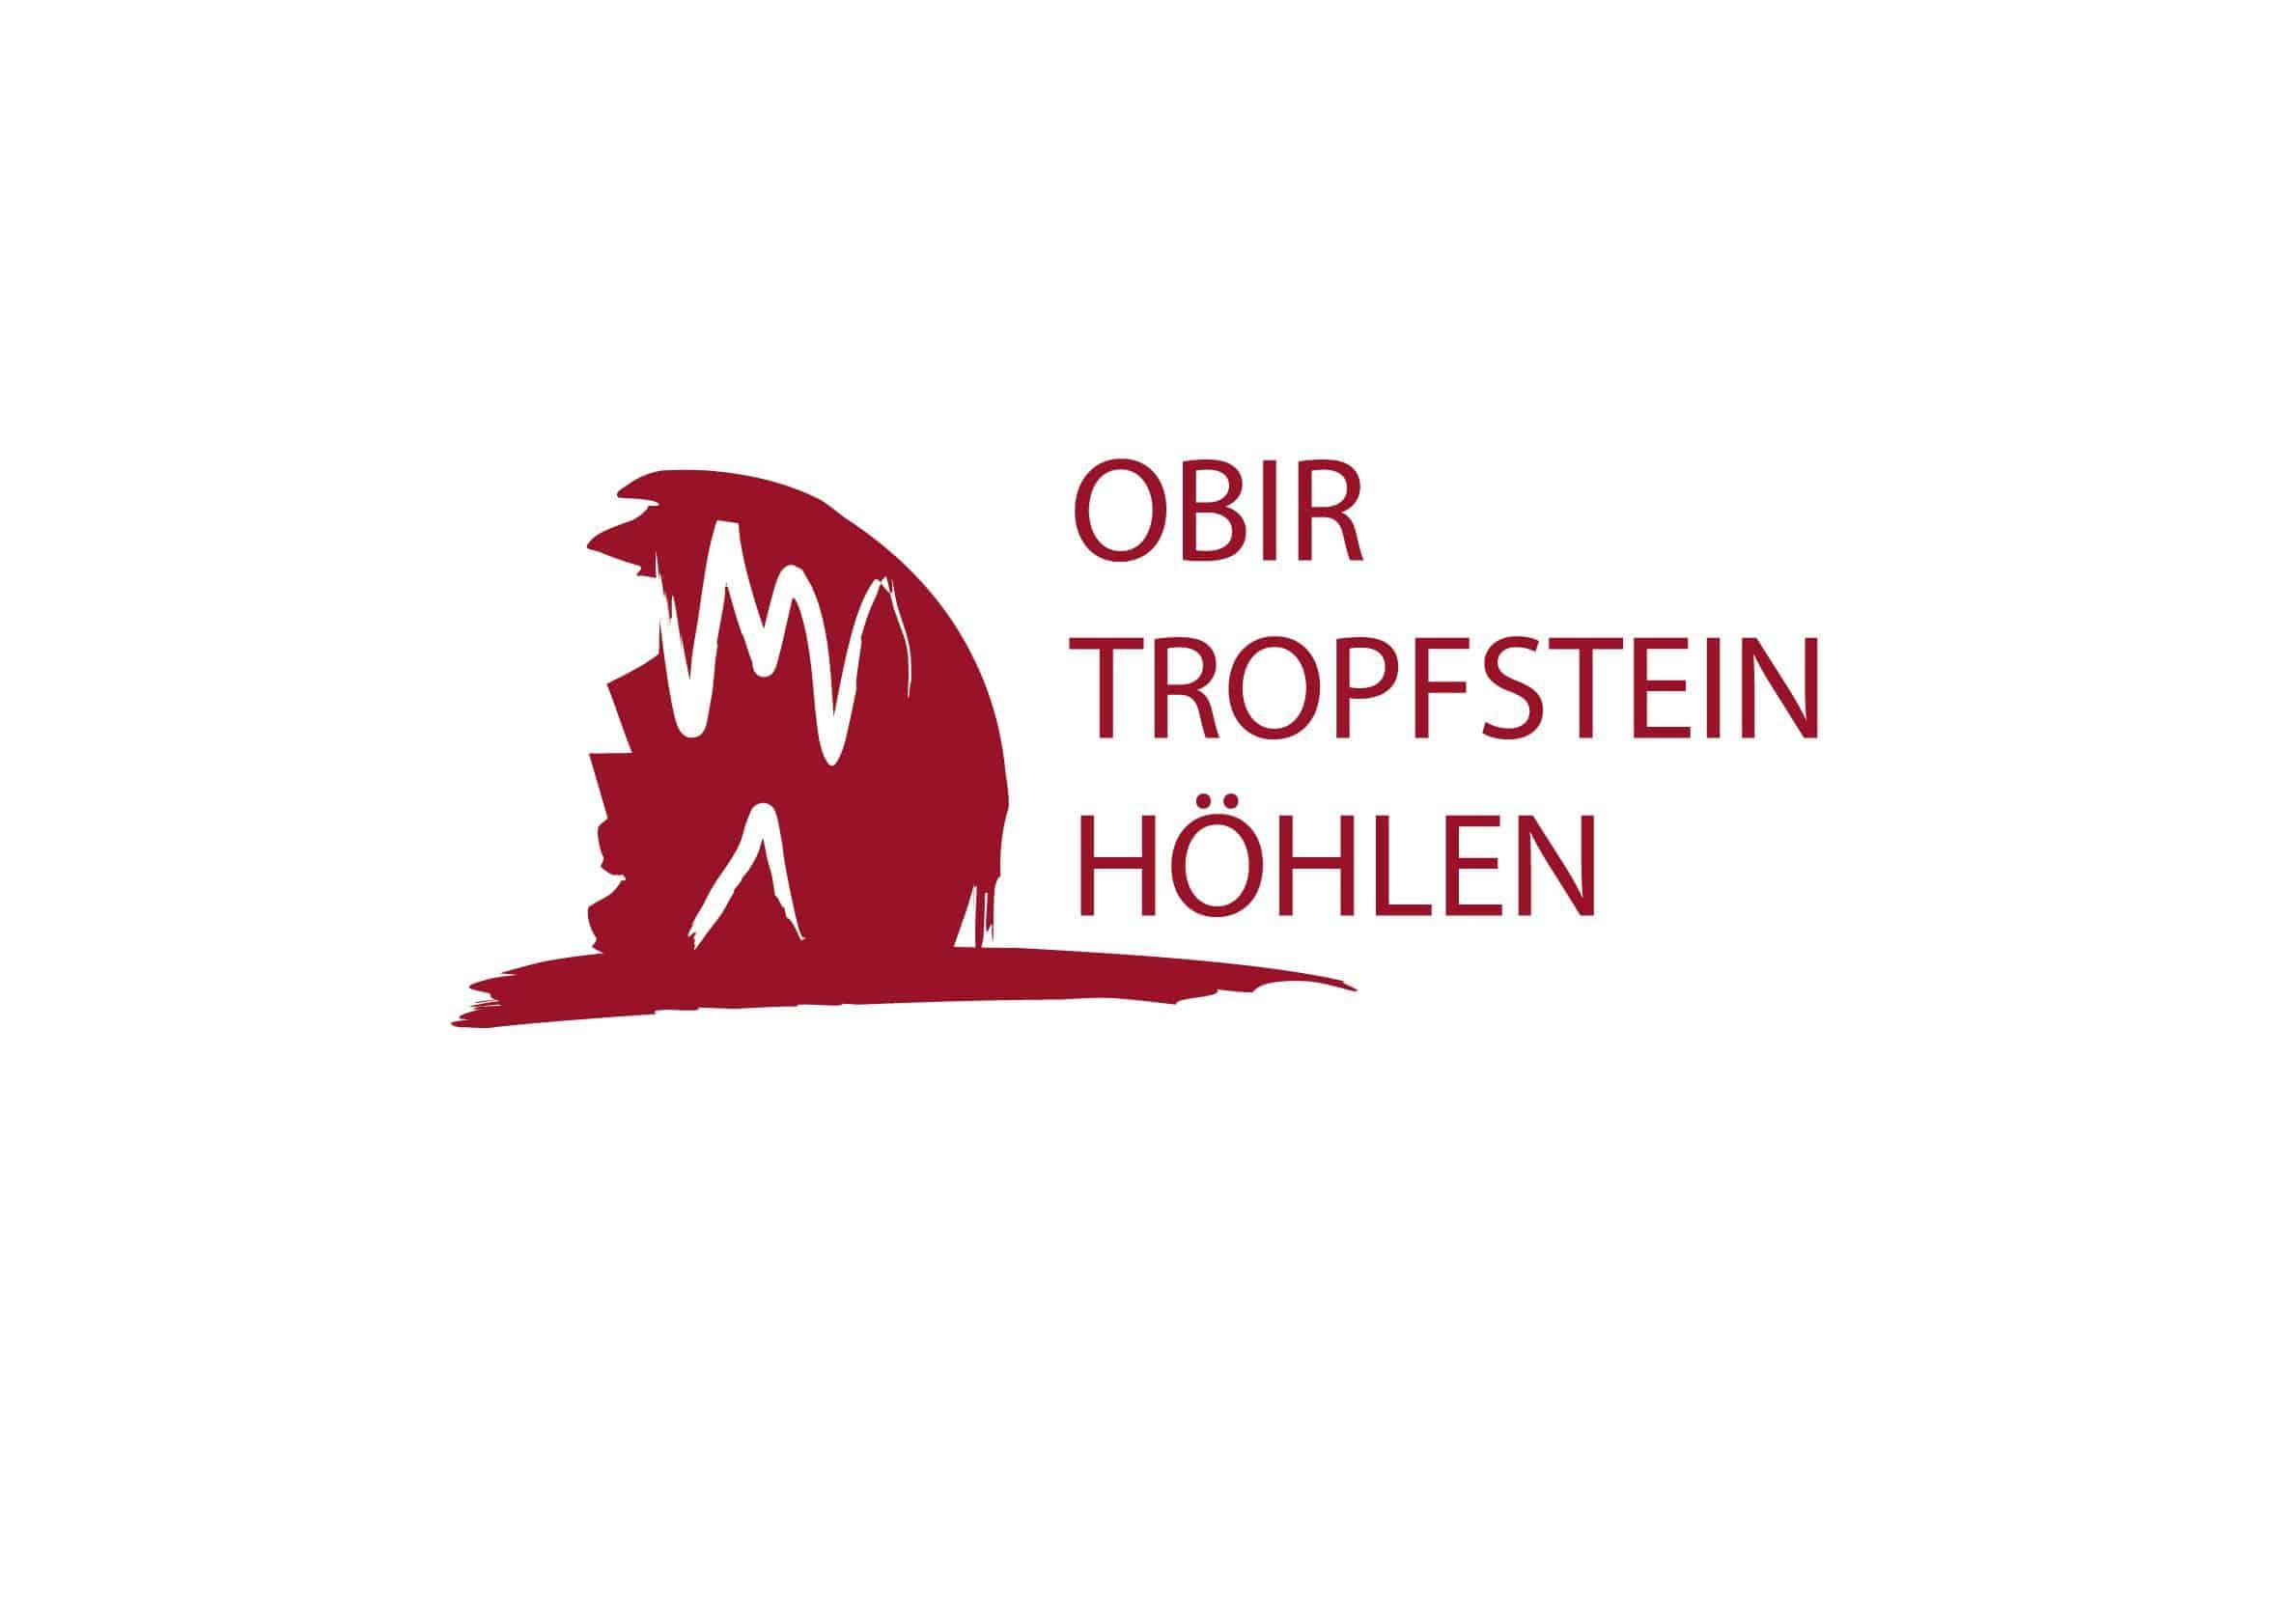 Obir Tropfsteinhöhlen - Sehenswürdigkeit in Südkärnten, Österreich